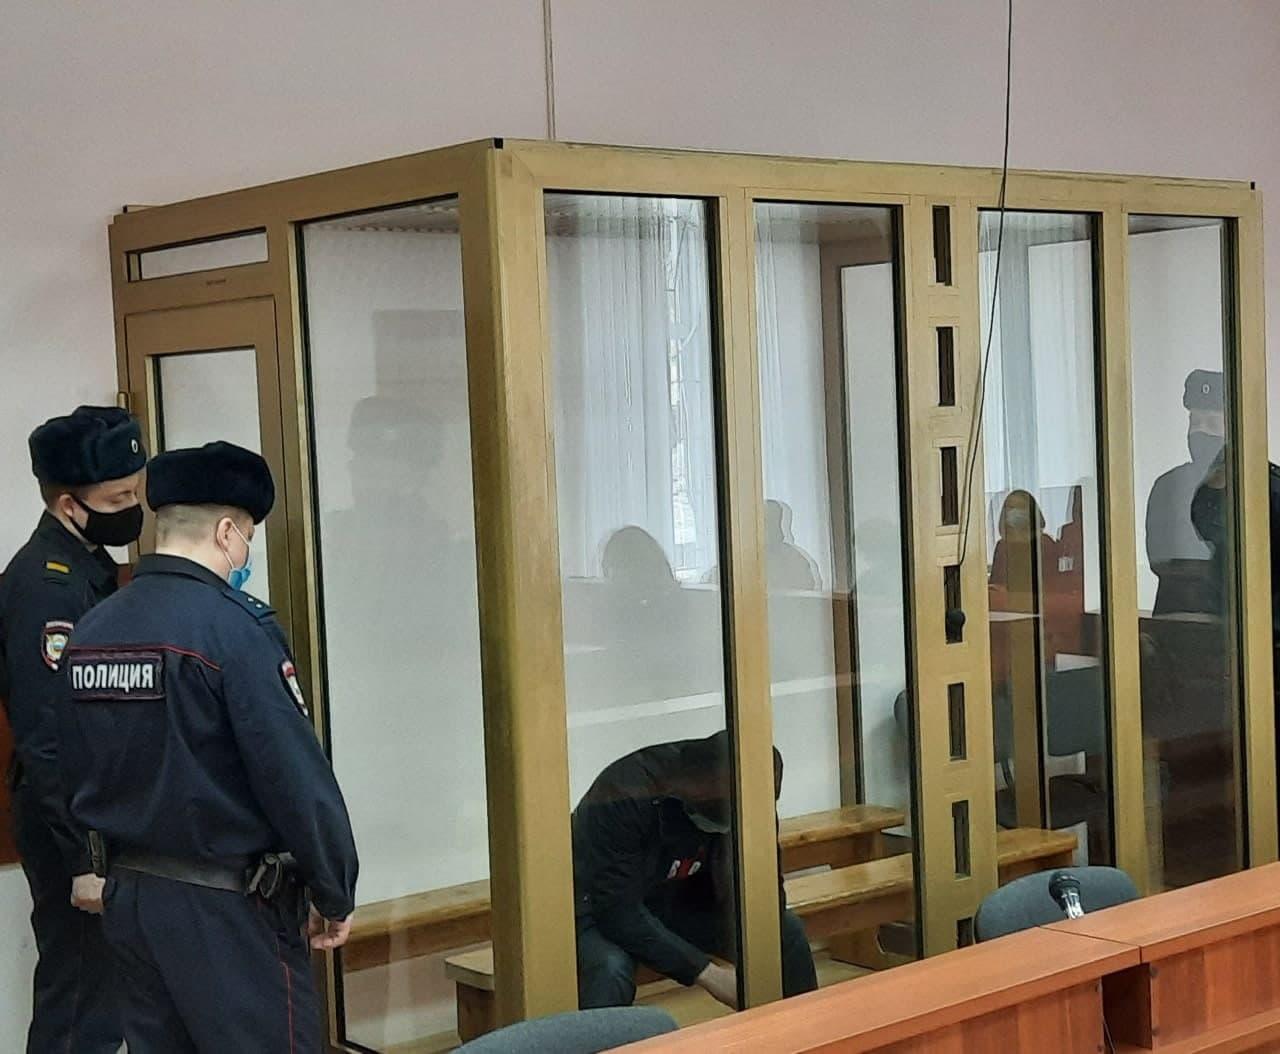 Котовский изувер получил 24 года колонии строгого режима